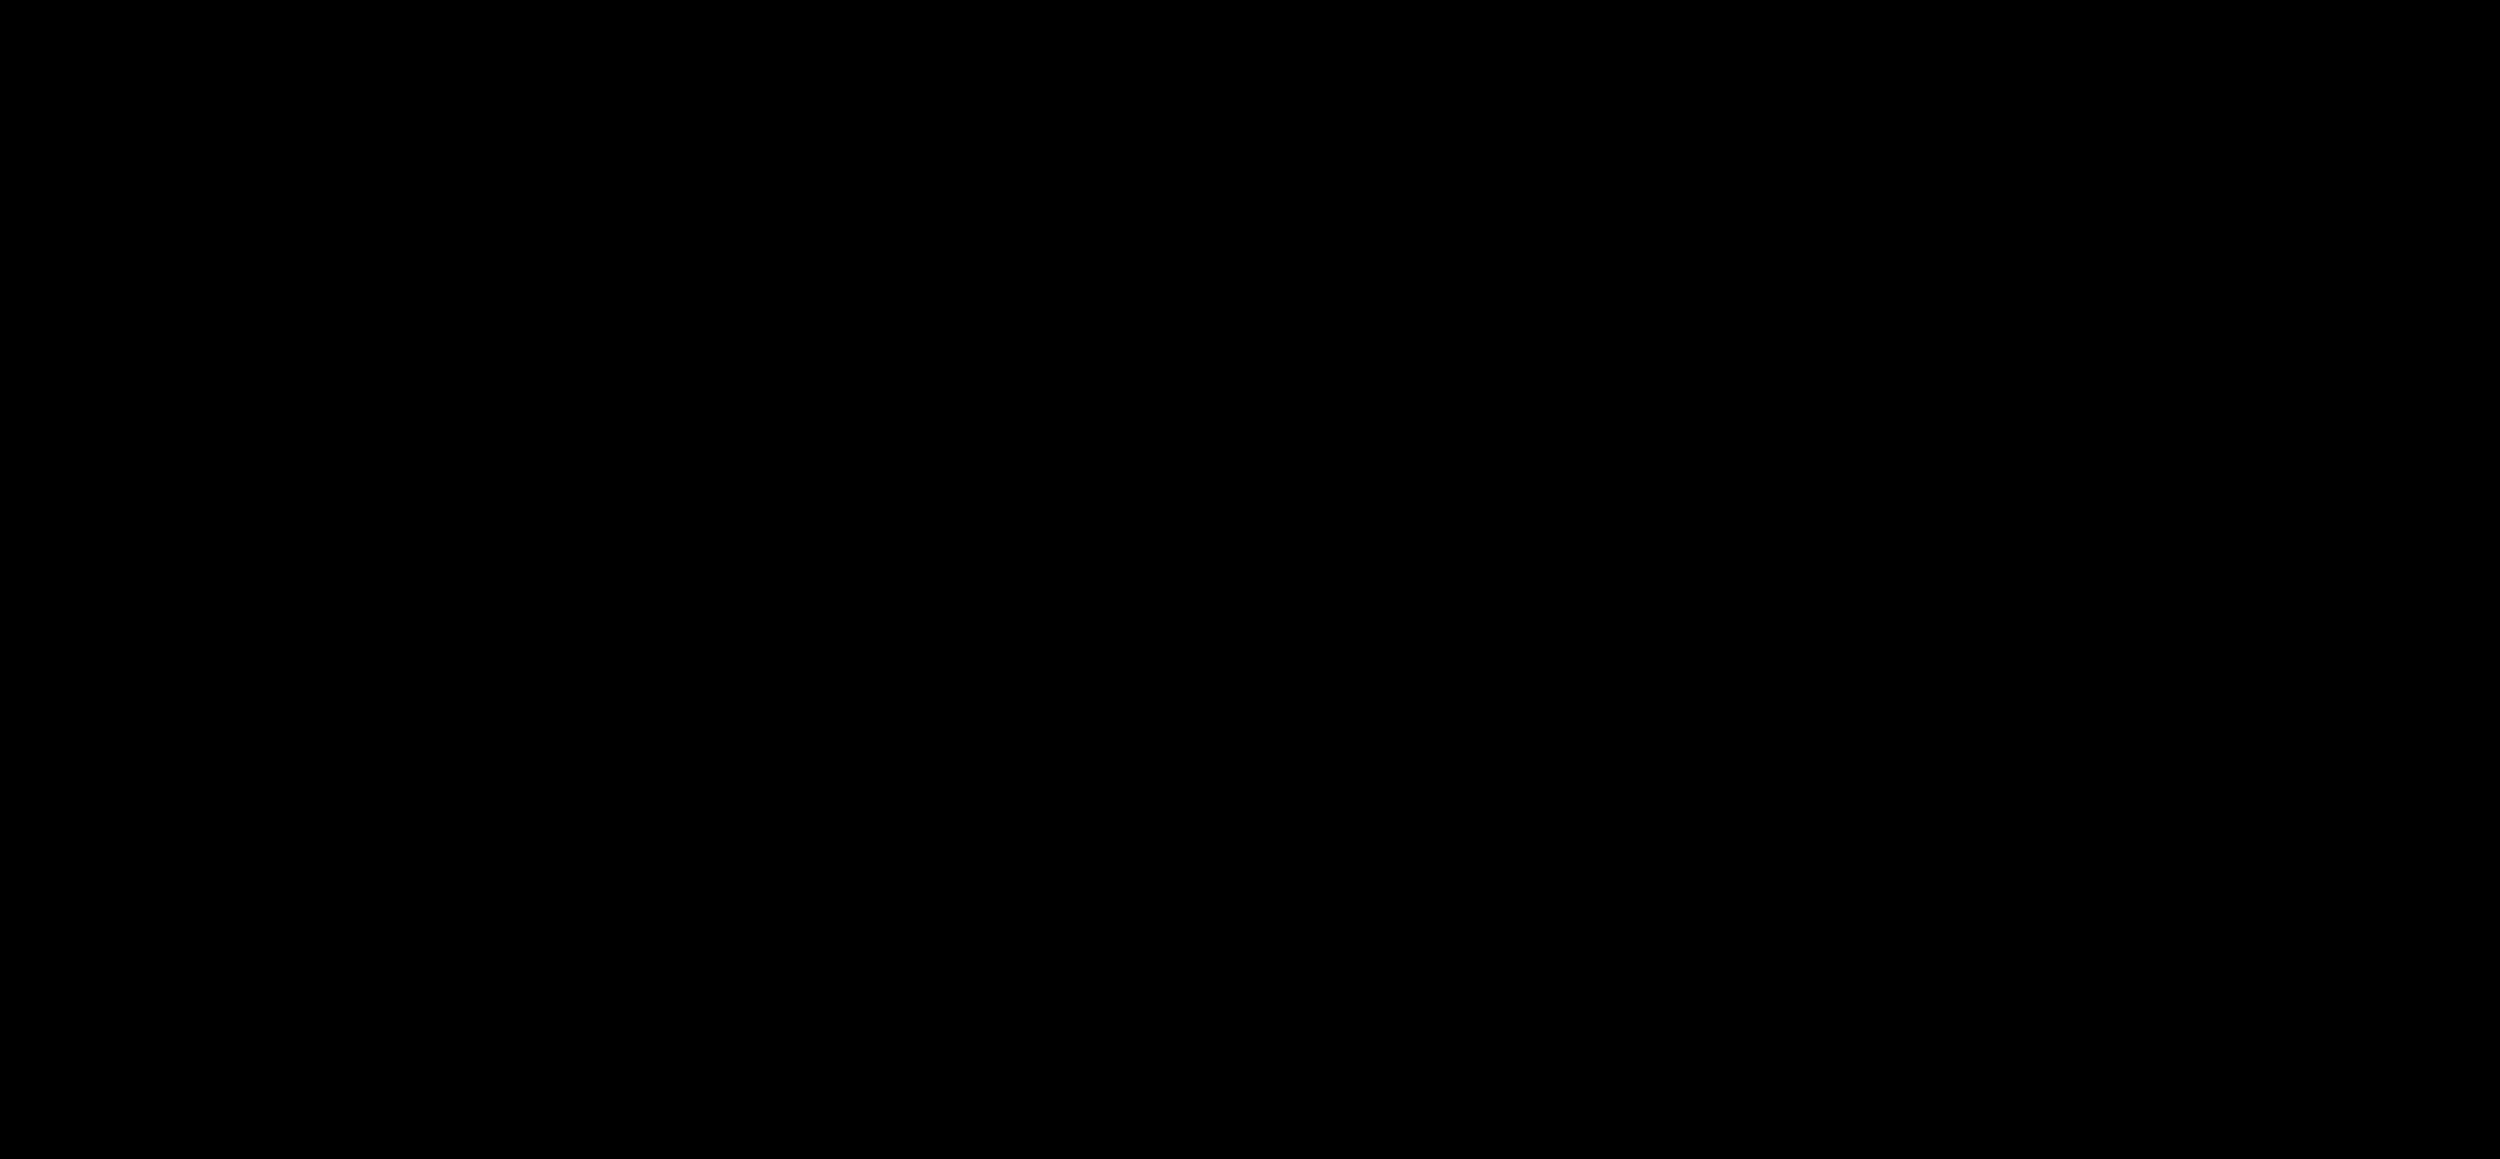 Logo_Krish.png